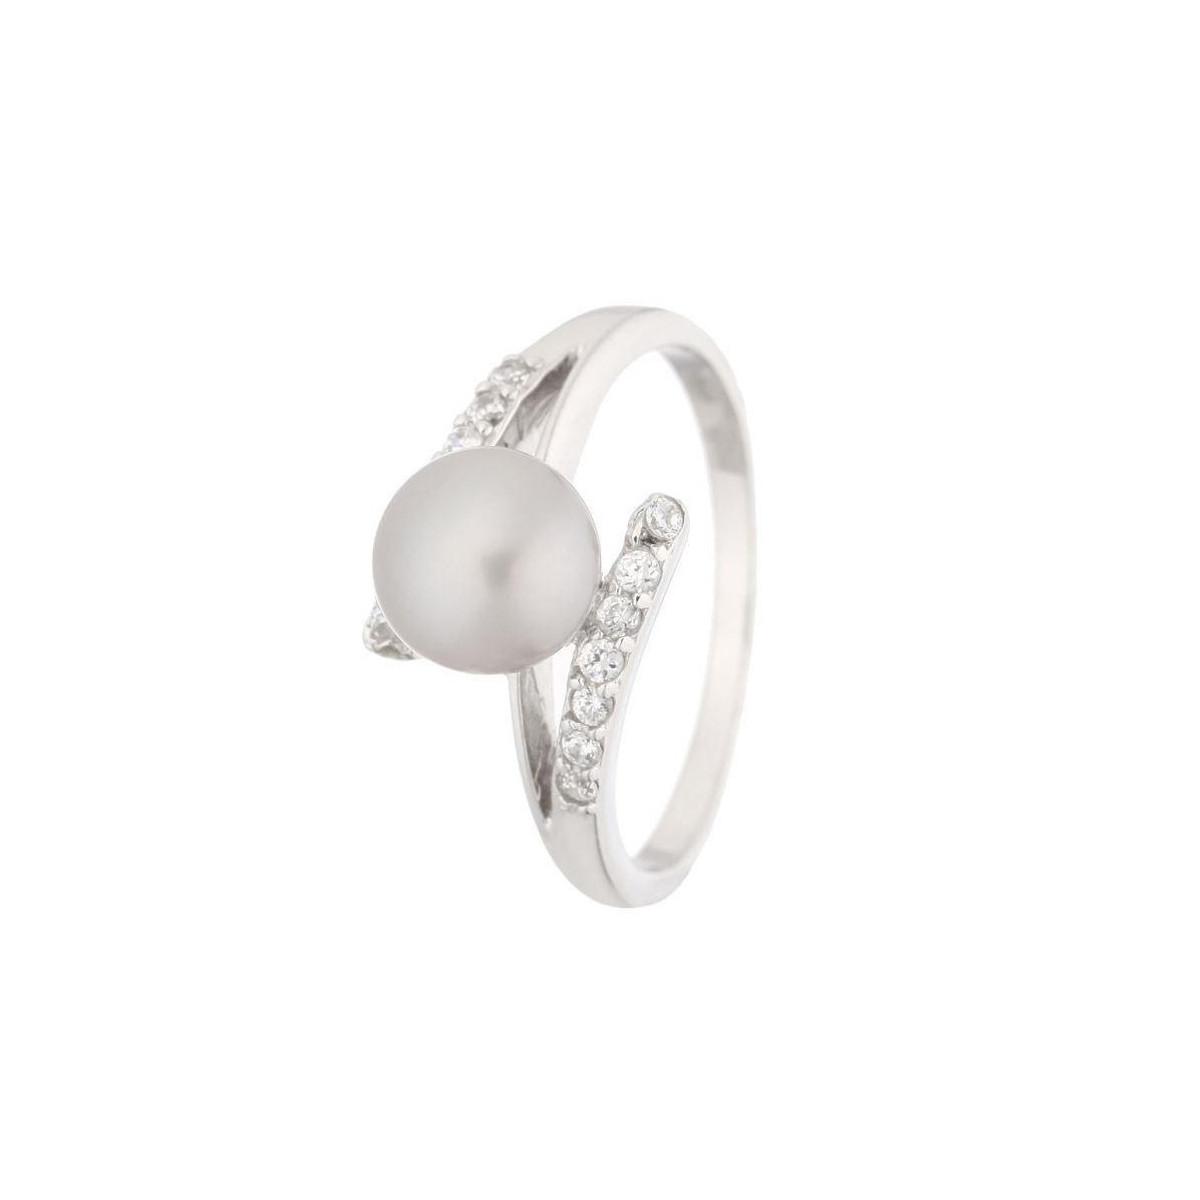 """Bague argent, perle de culture grise et oxydes de zirconium """"Perle Ensorcelante Grise"""""""